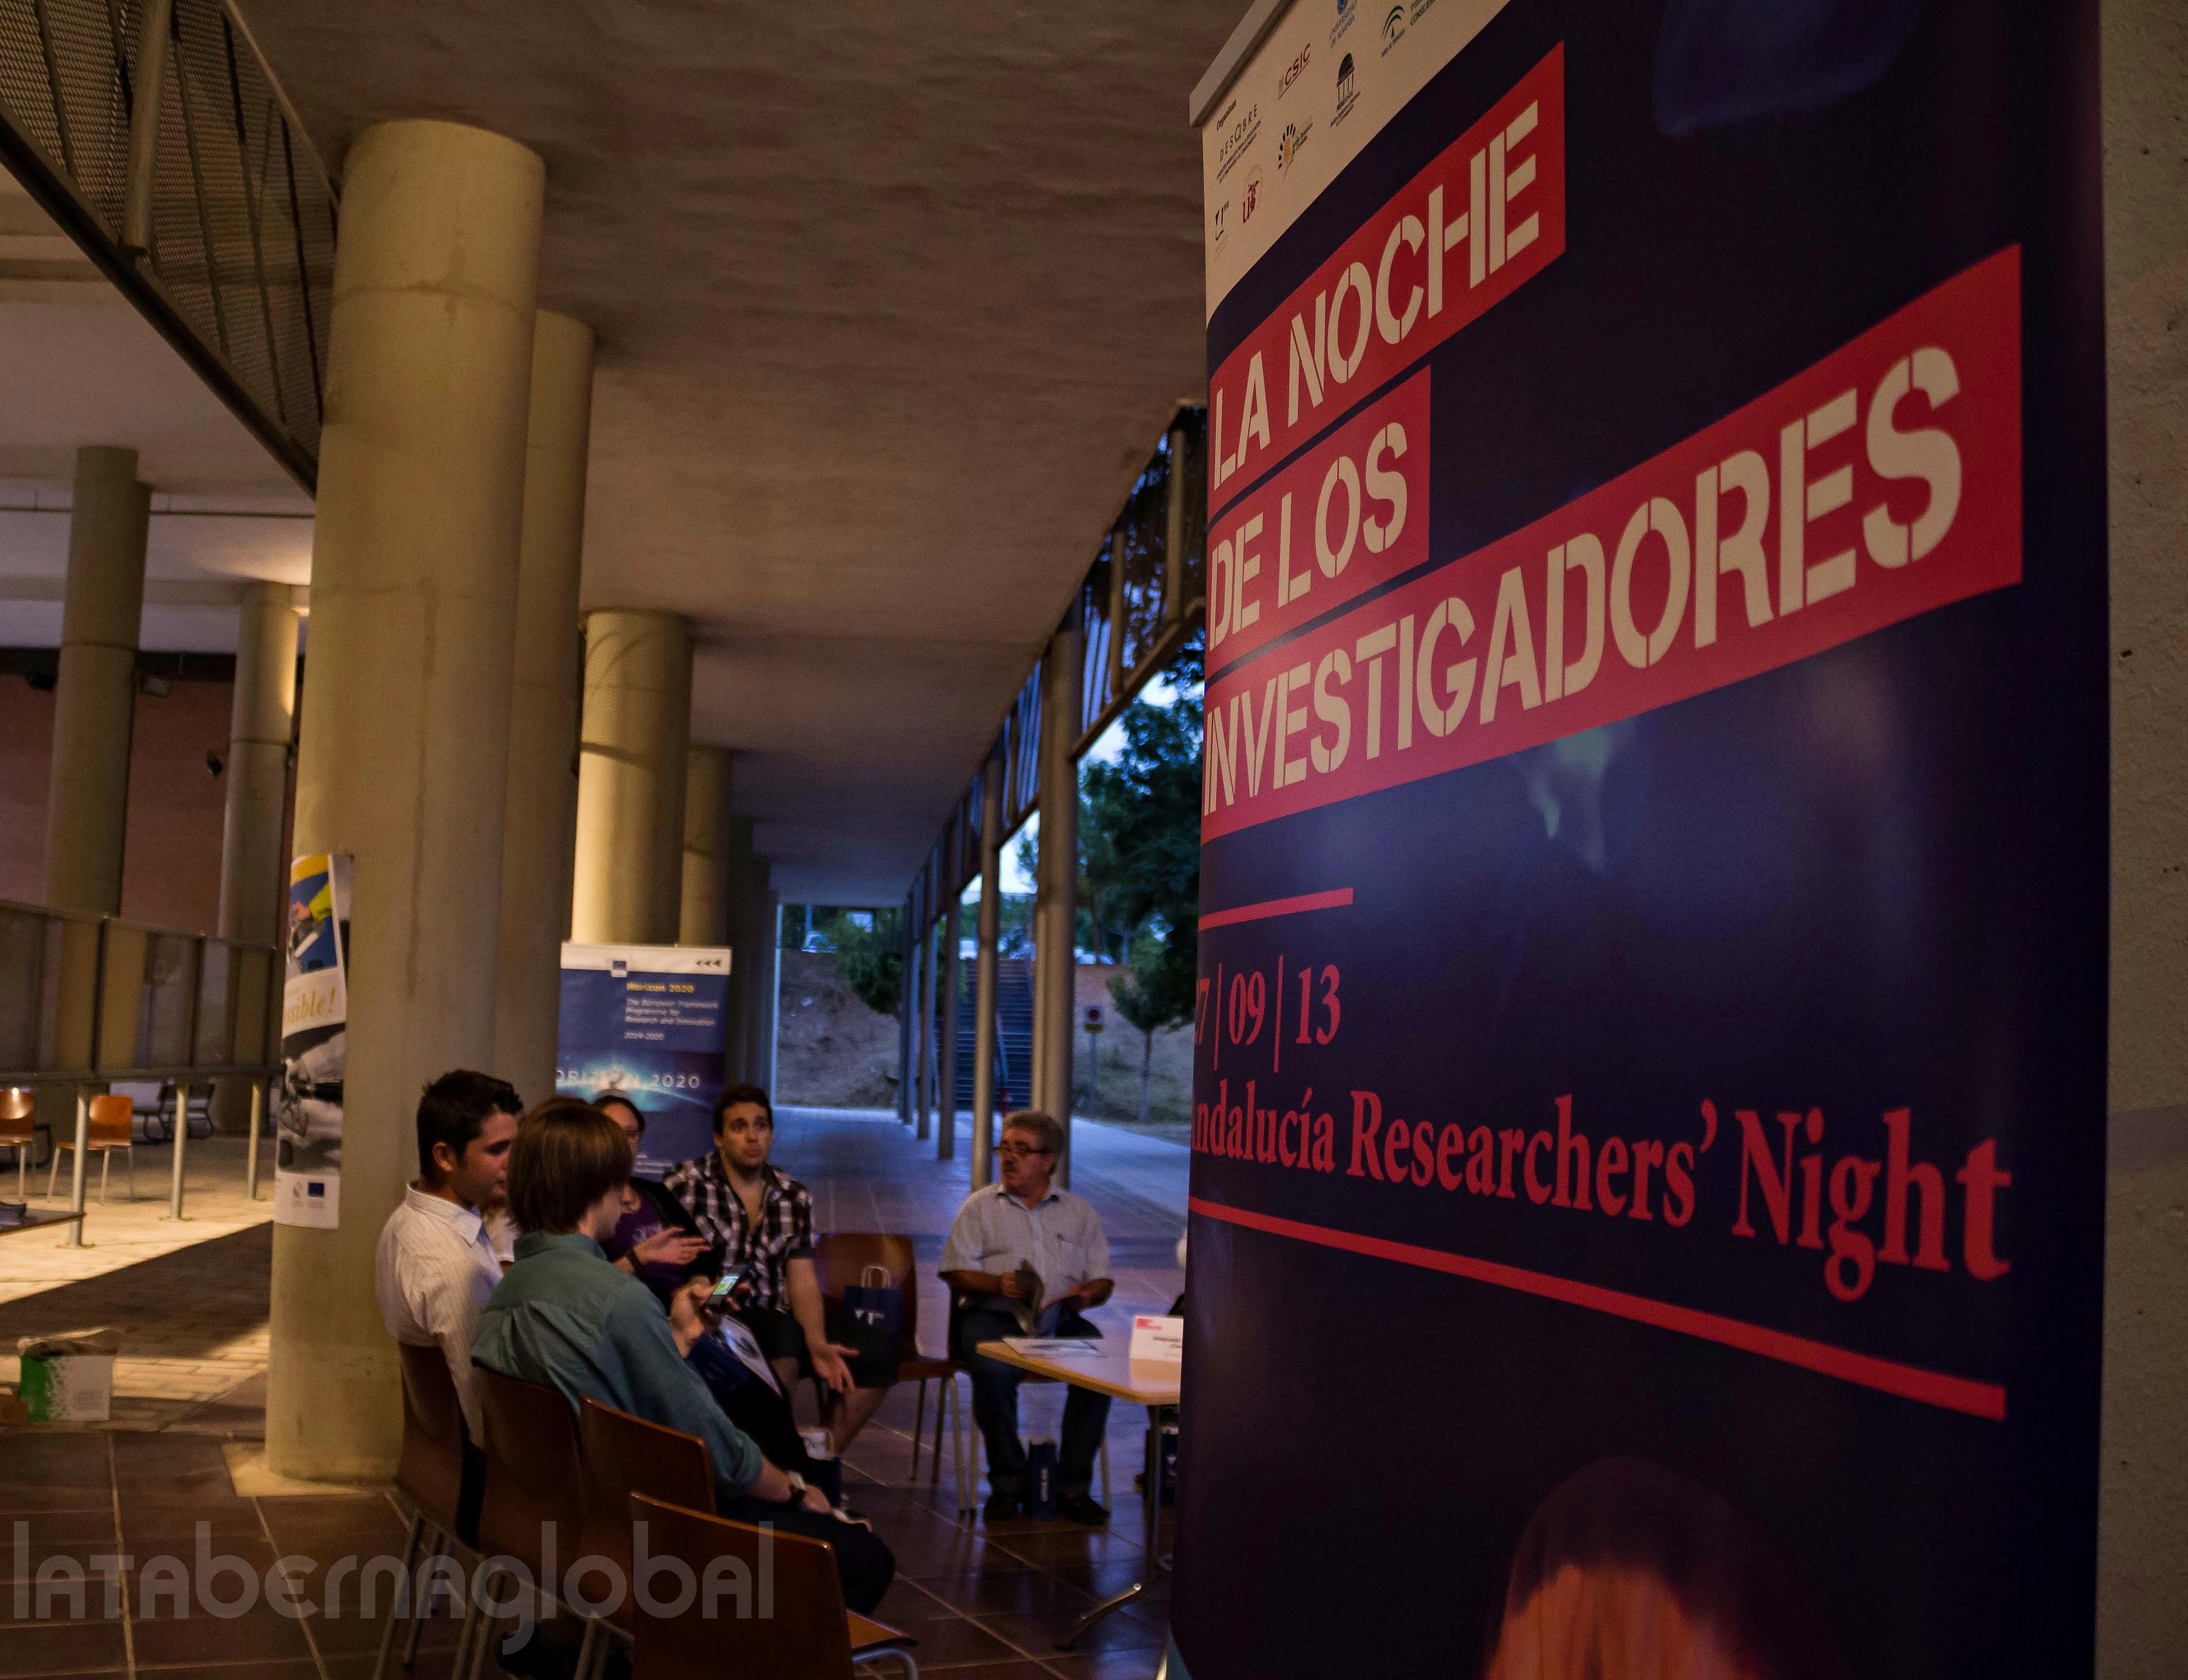 Noche de los Investigadores3